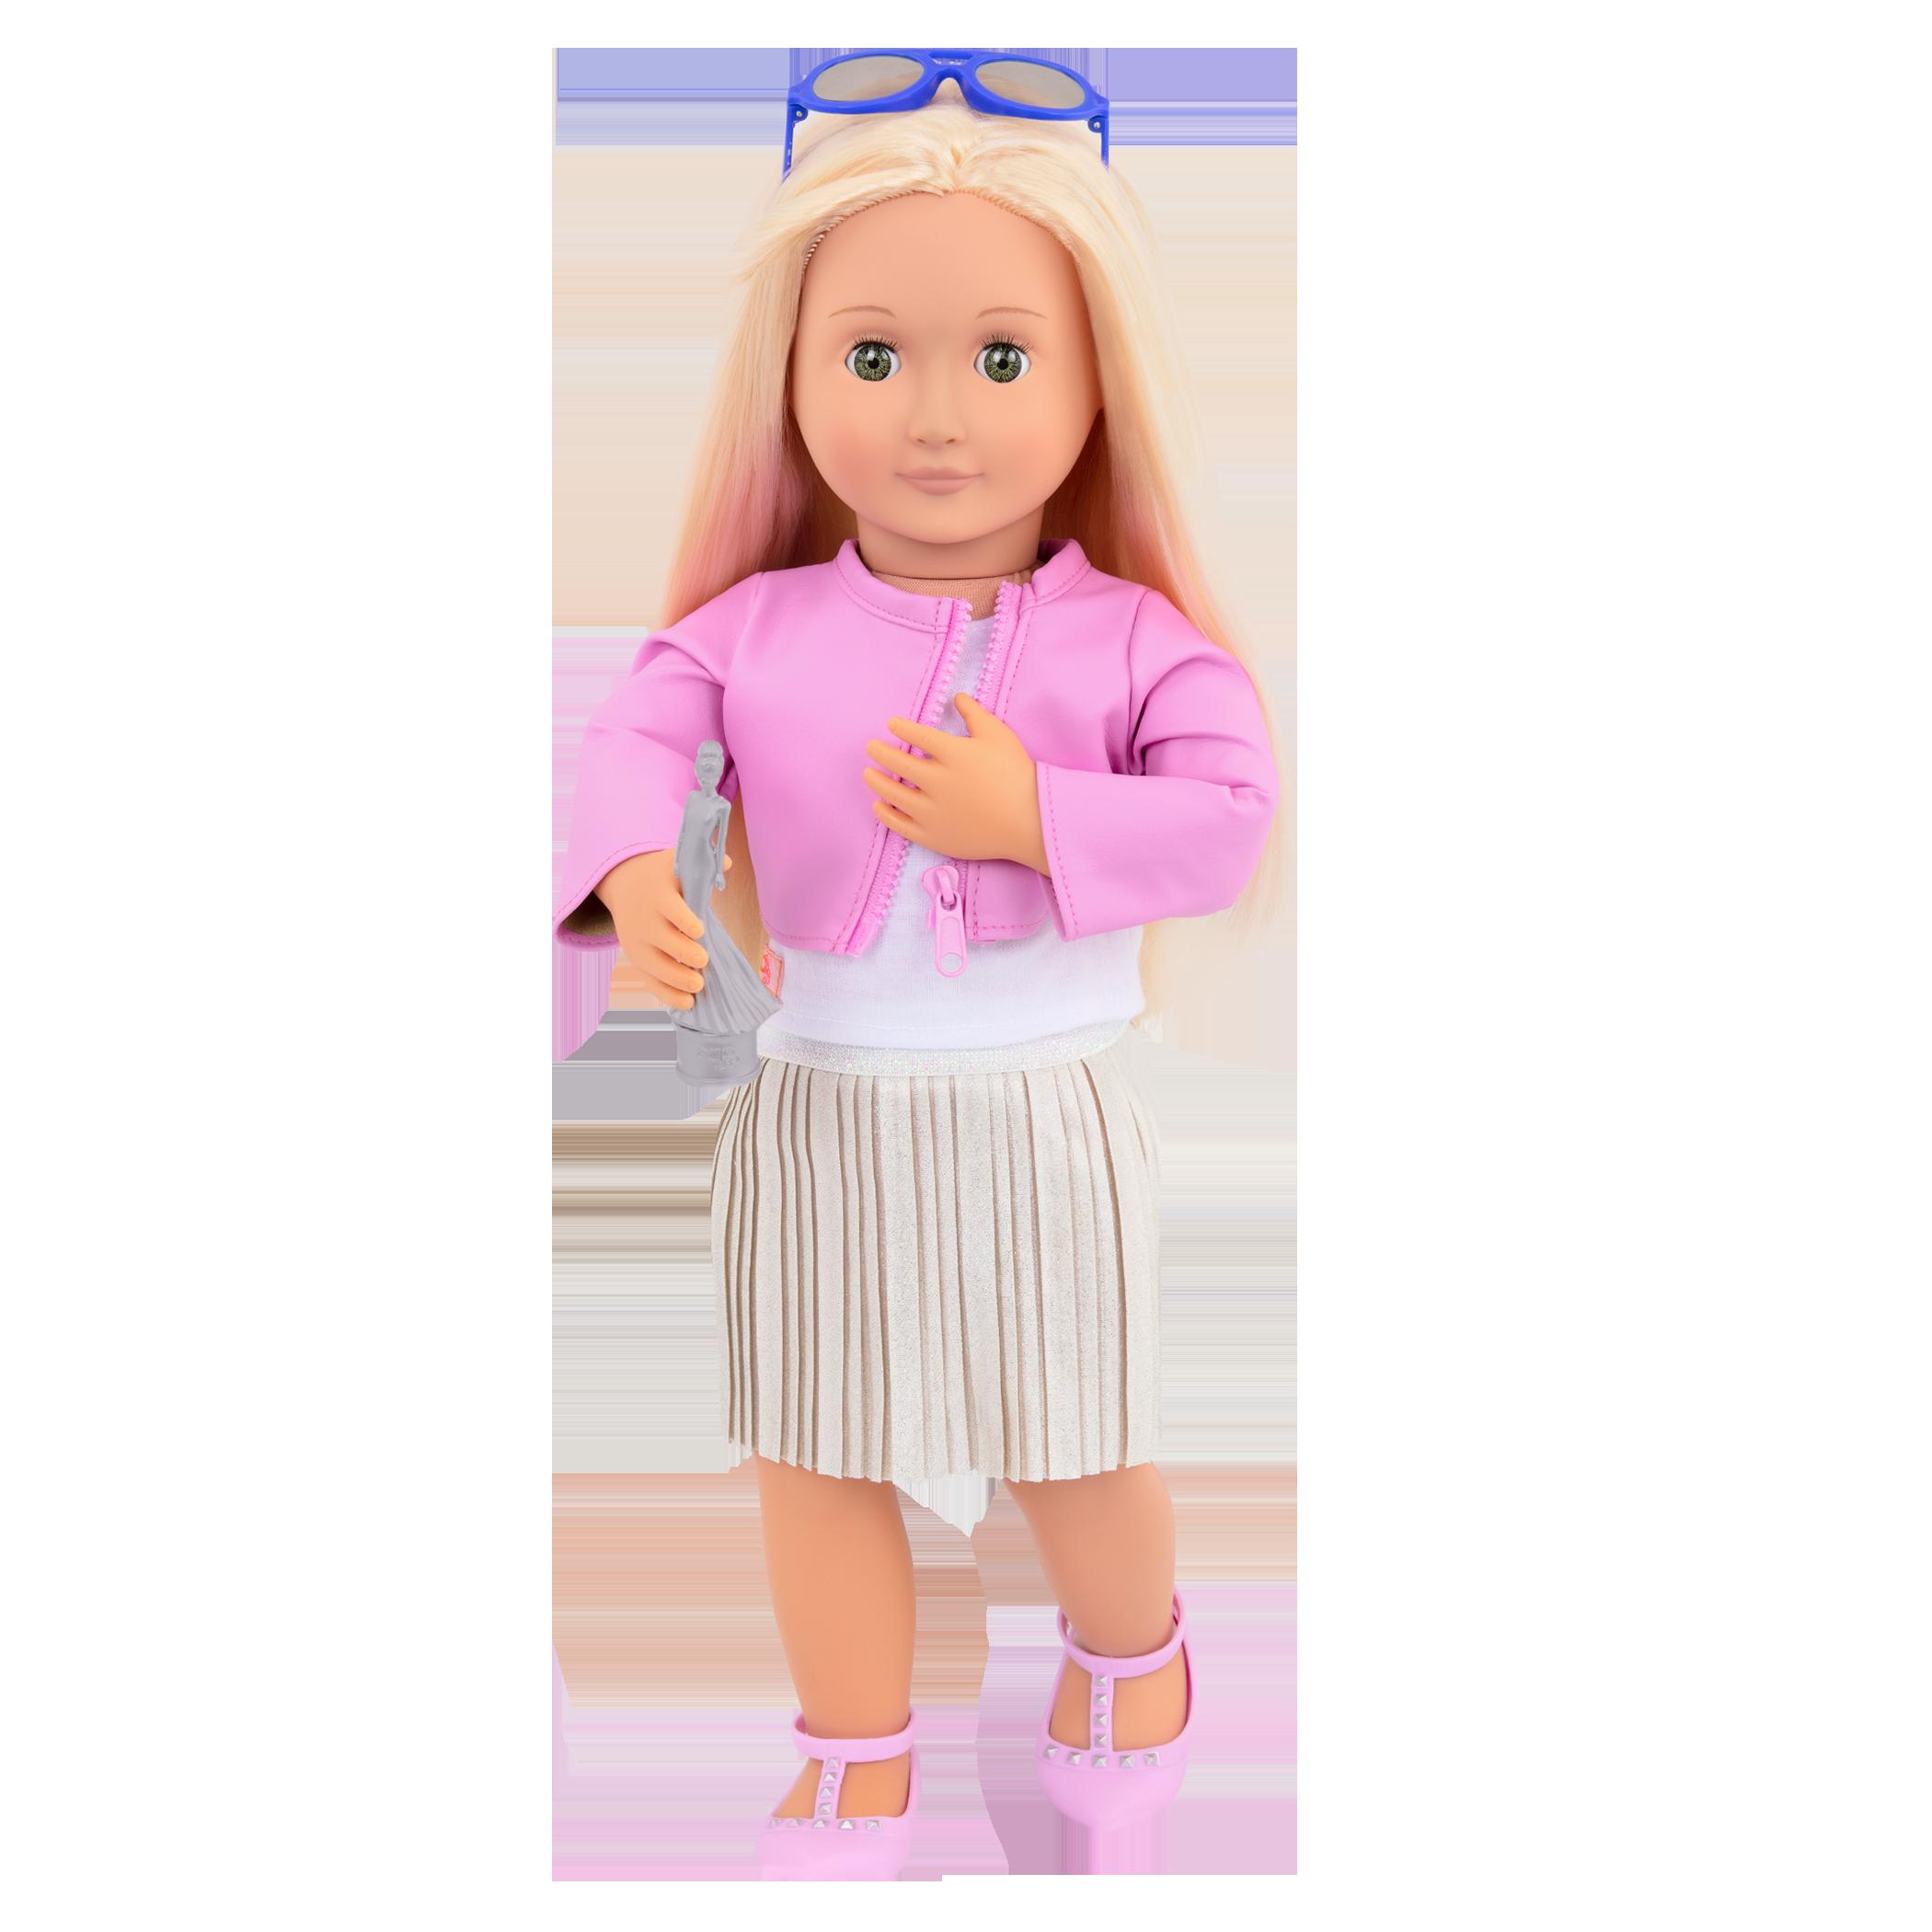 Ginger wearing Winning Wardrobe outfit holding award